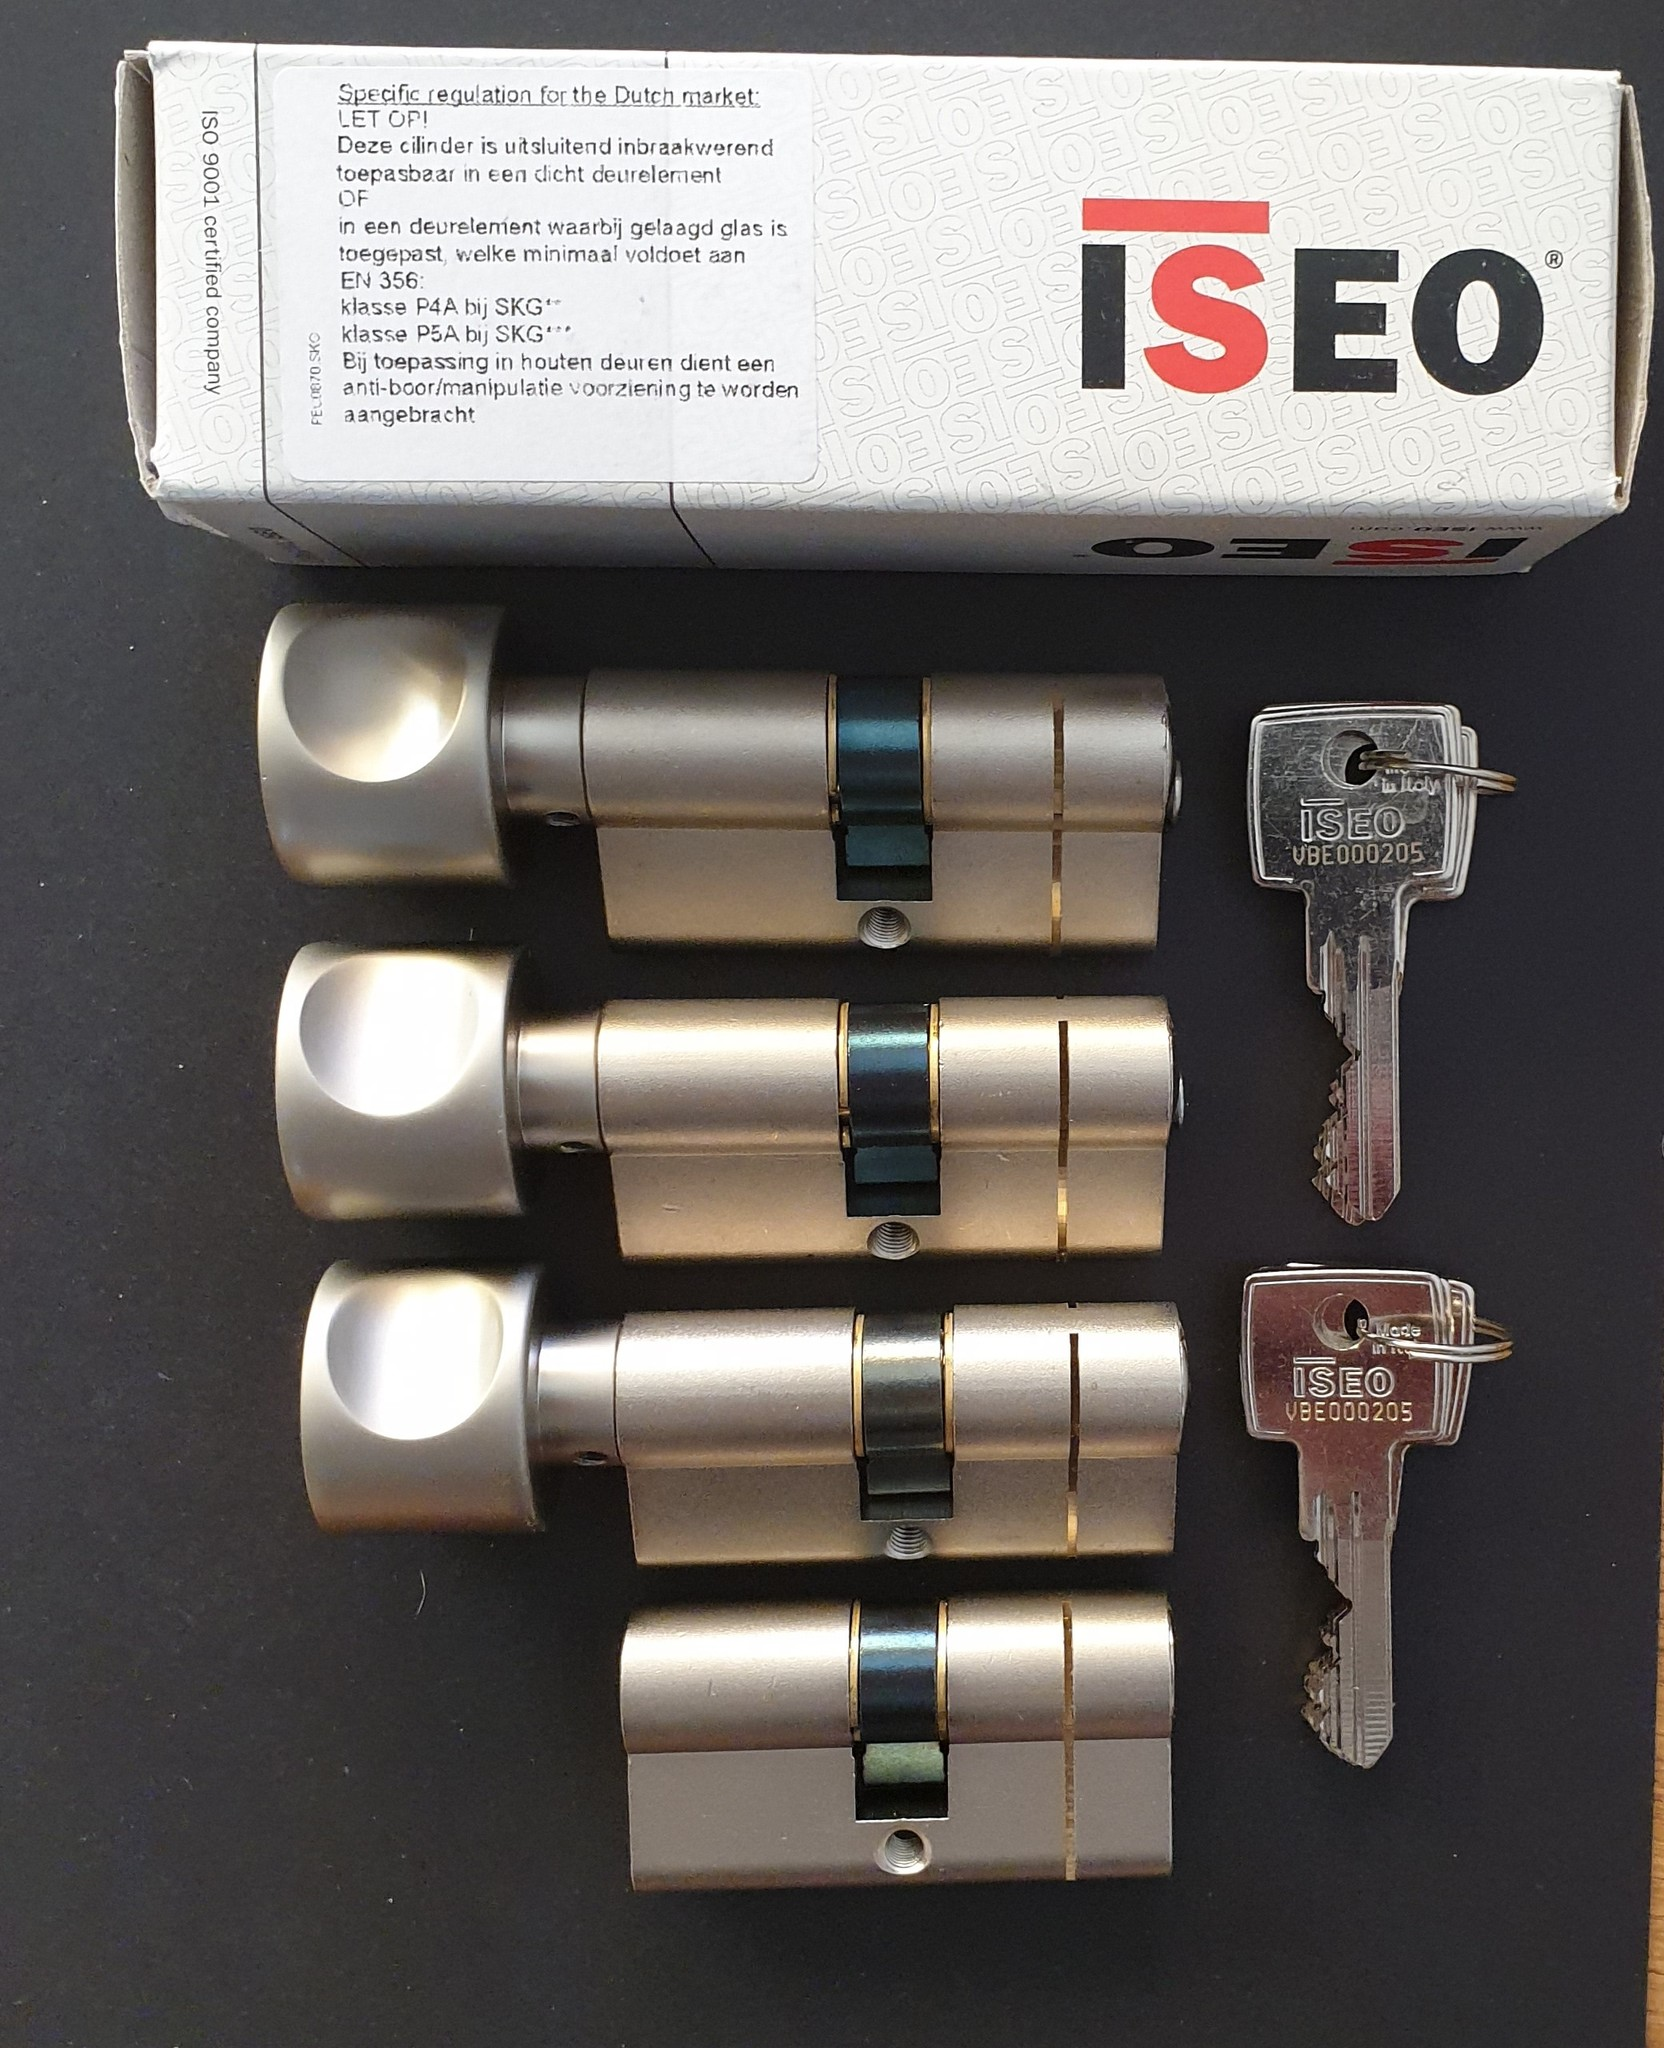 ISEO F6 Extra S SKG*** Cilinder 100 mm 45-55 wil u de cilinder gelijk sluitend hebben of voorzien van knop ?